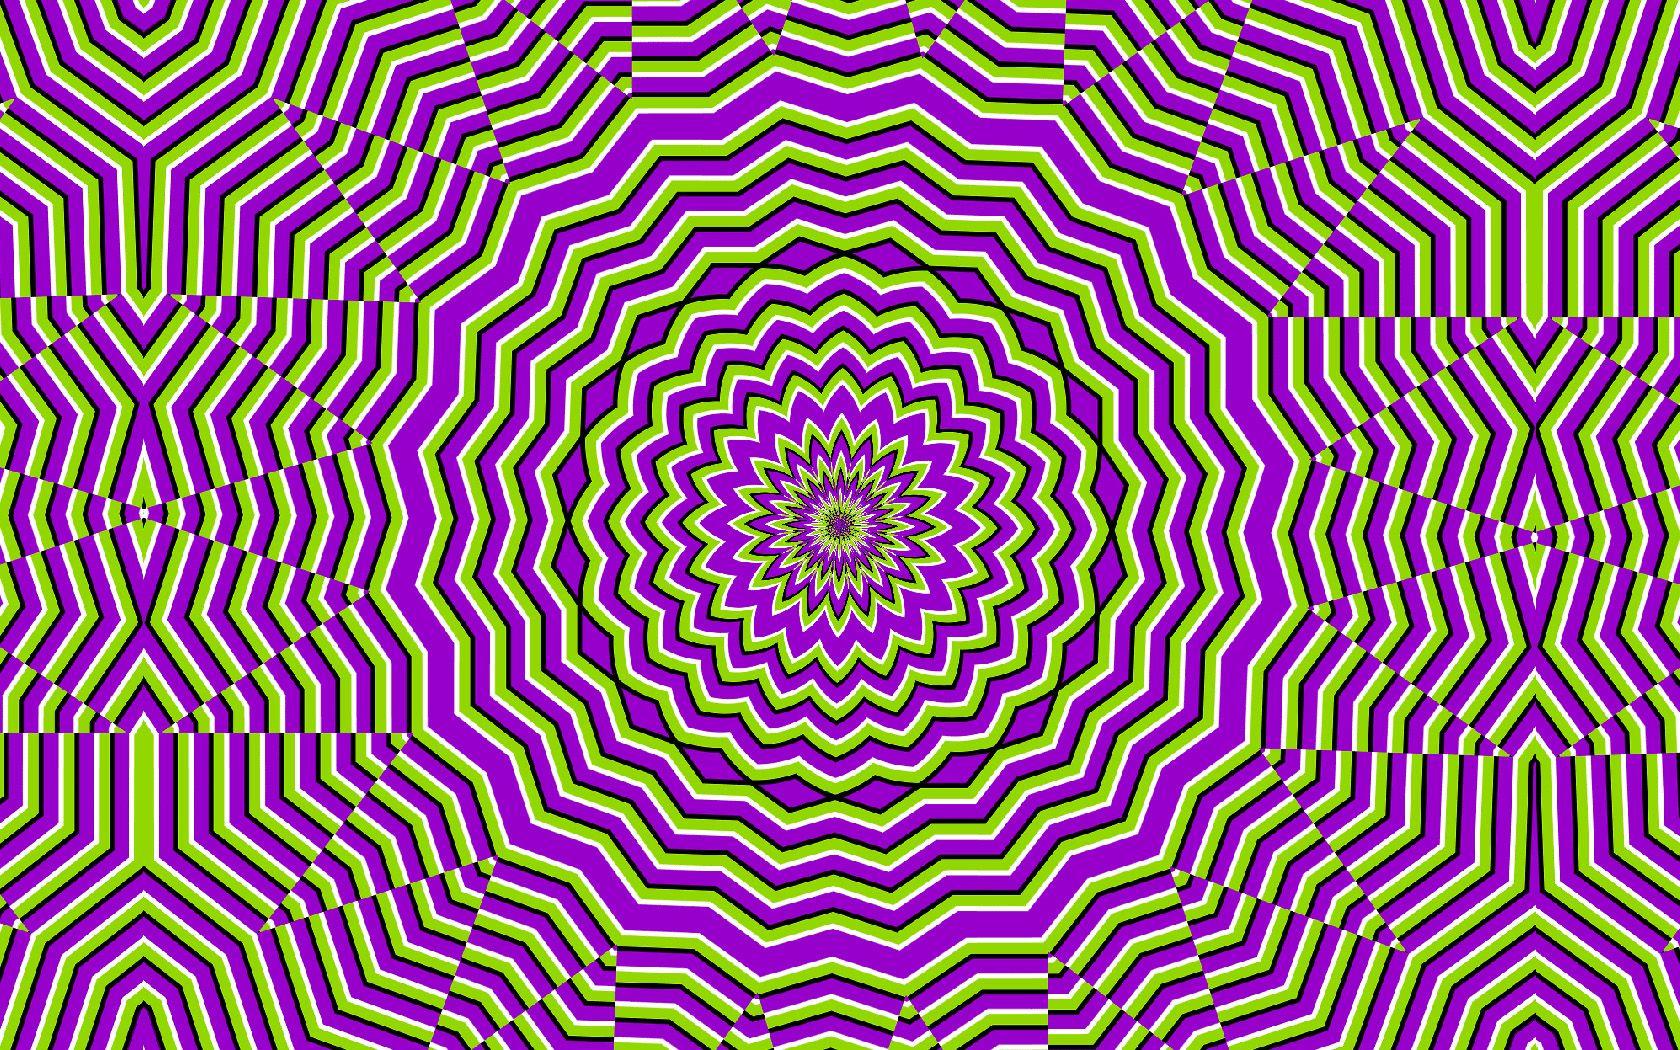 Mind Teaser Teasers Moving Optical Illusion Purple